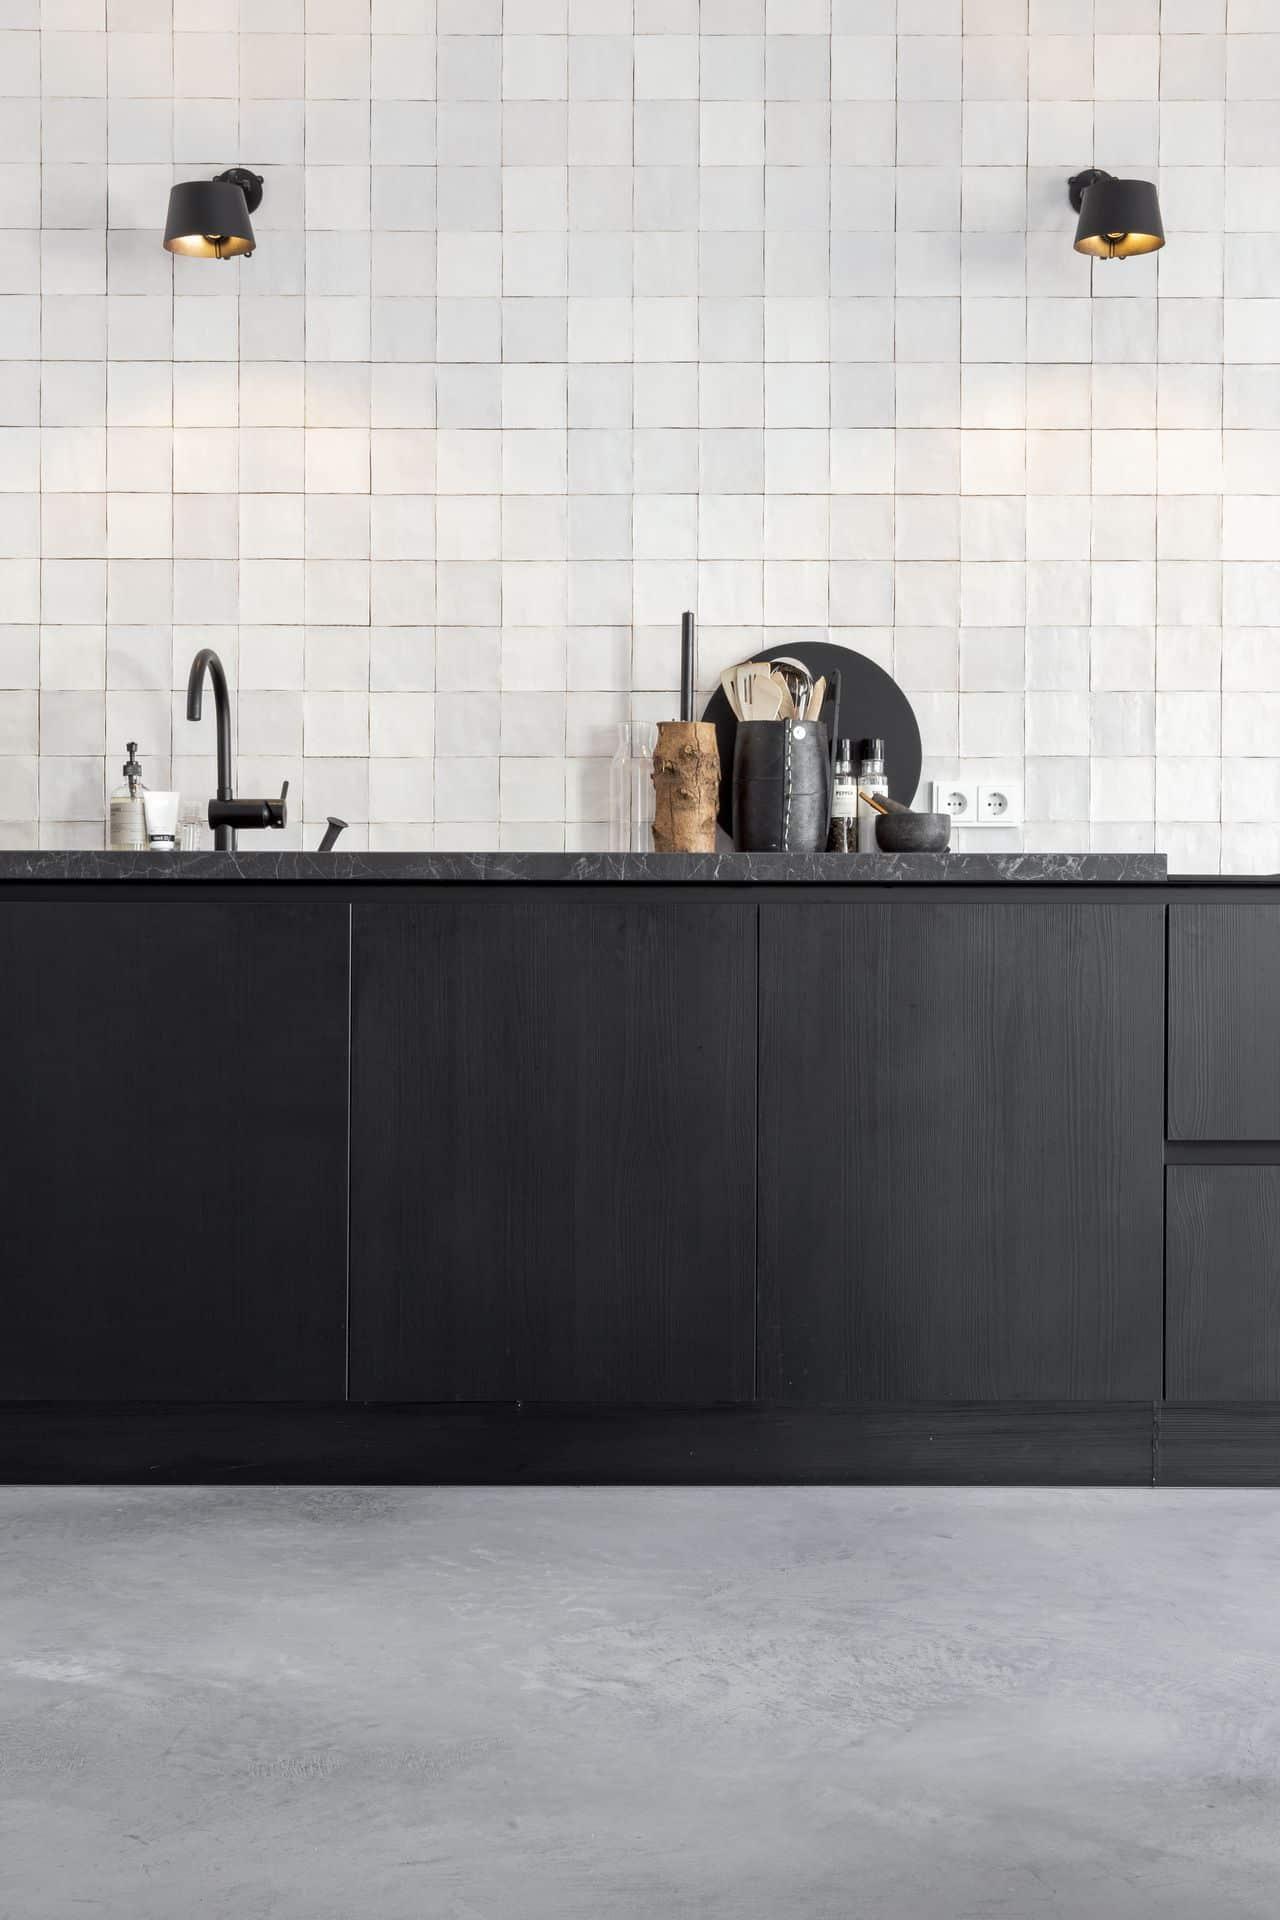 gevlinderde betonvloer keuken, gevlinderde betonvloer zwarte keuken, zwarte keuken interieur